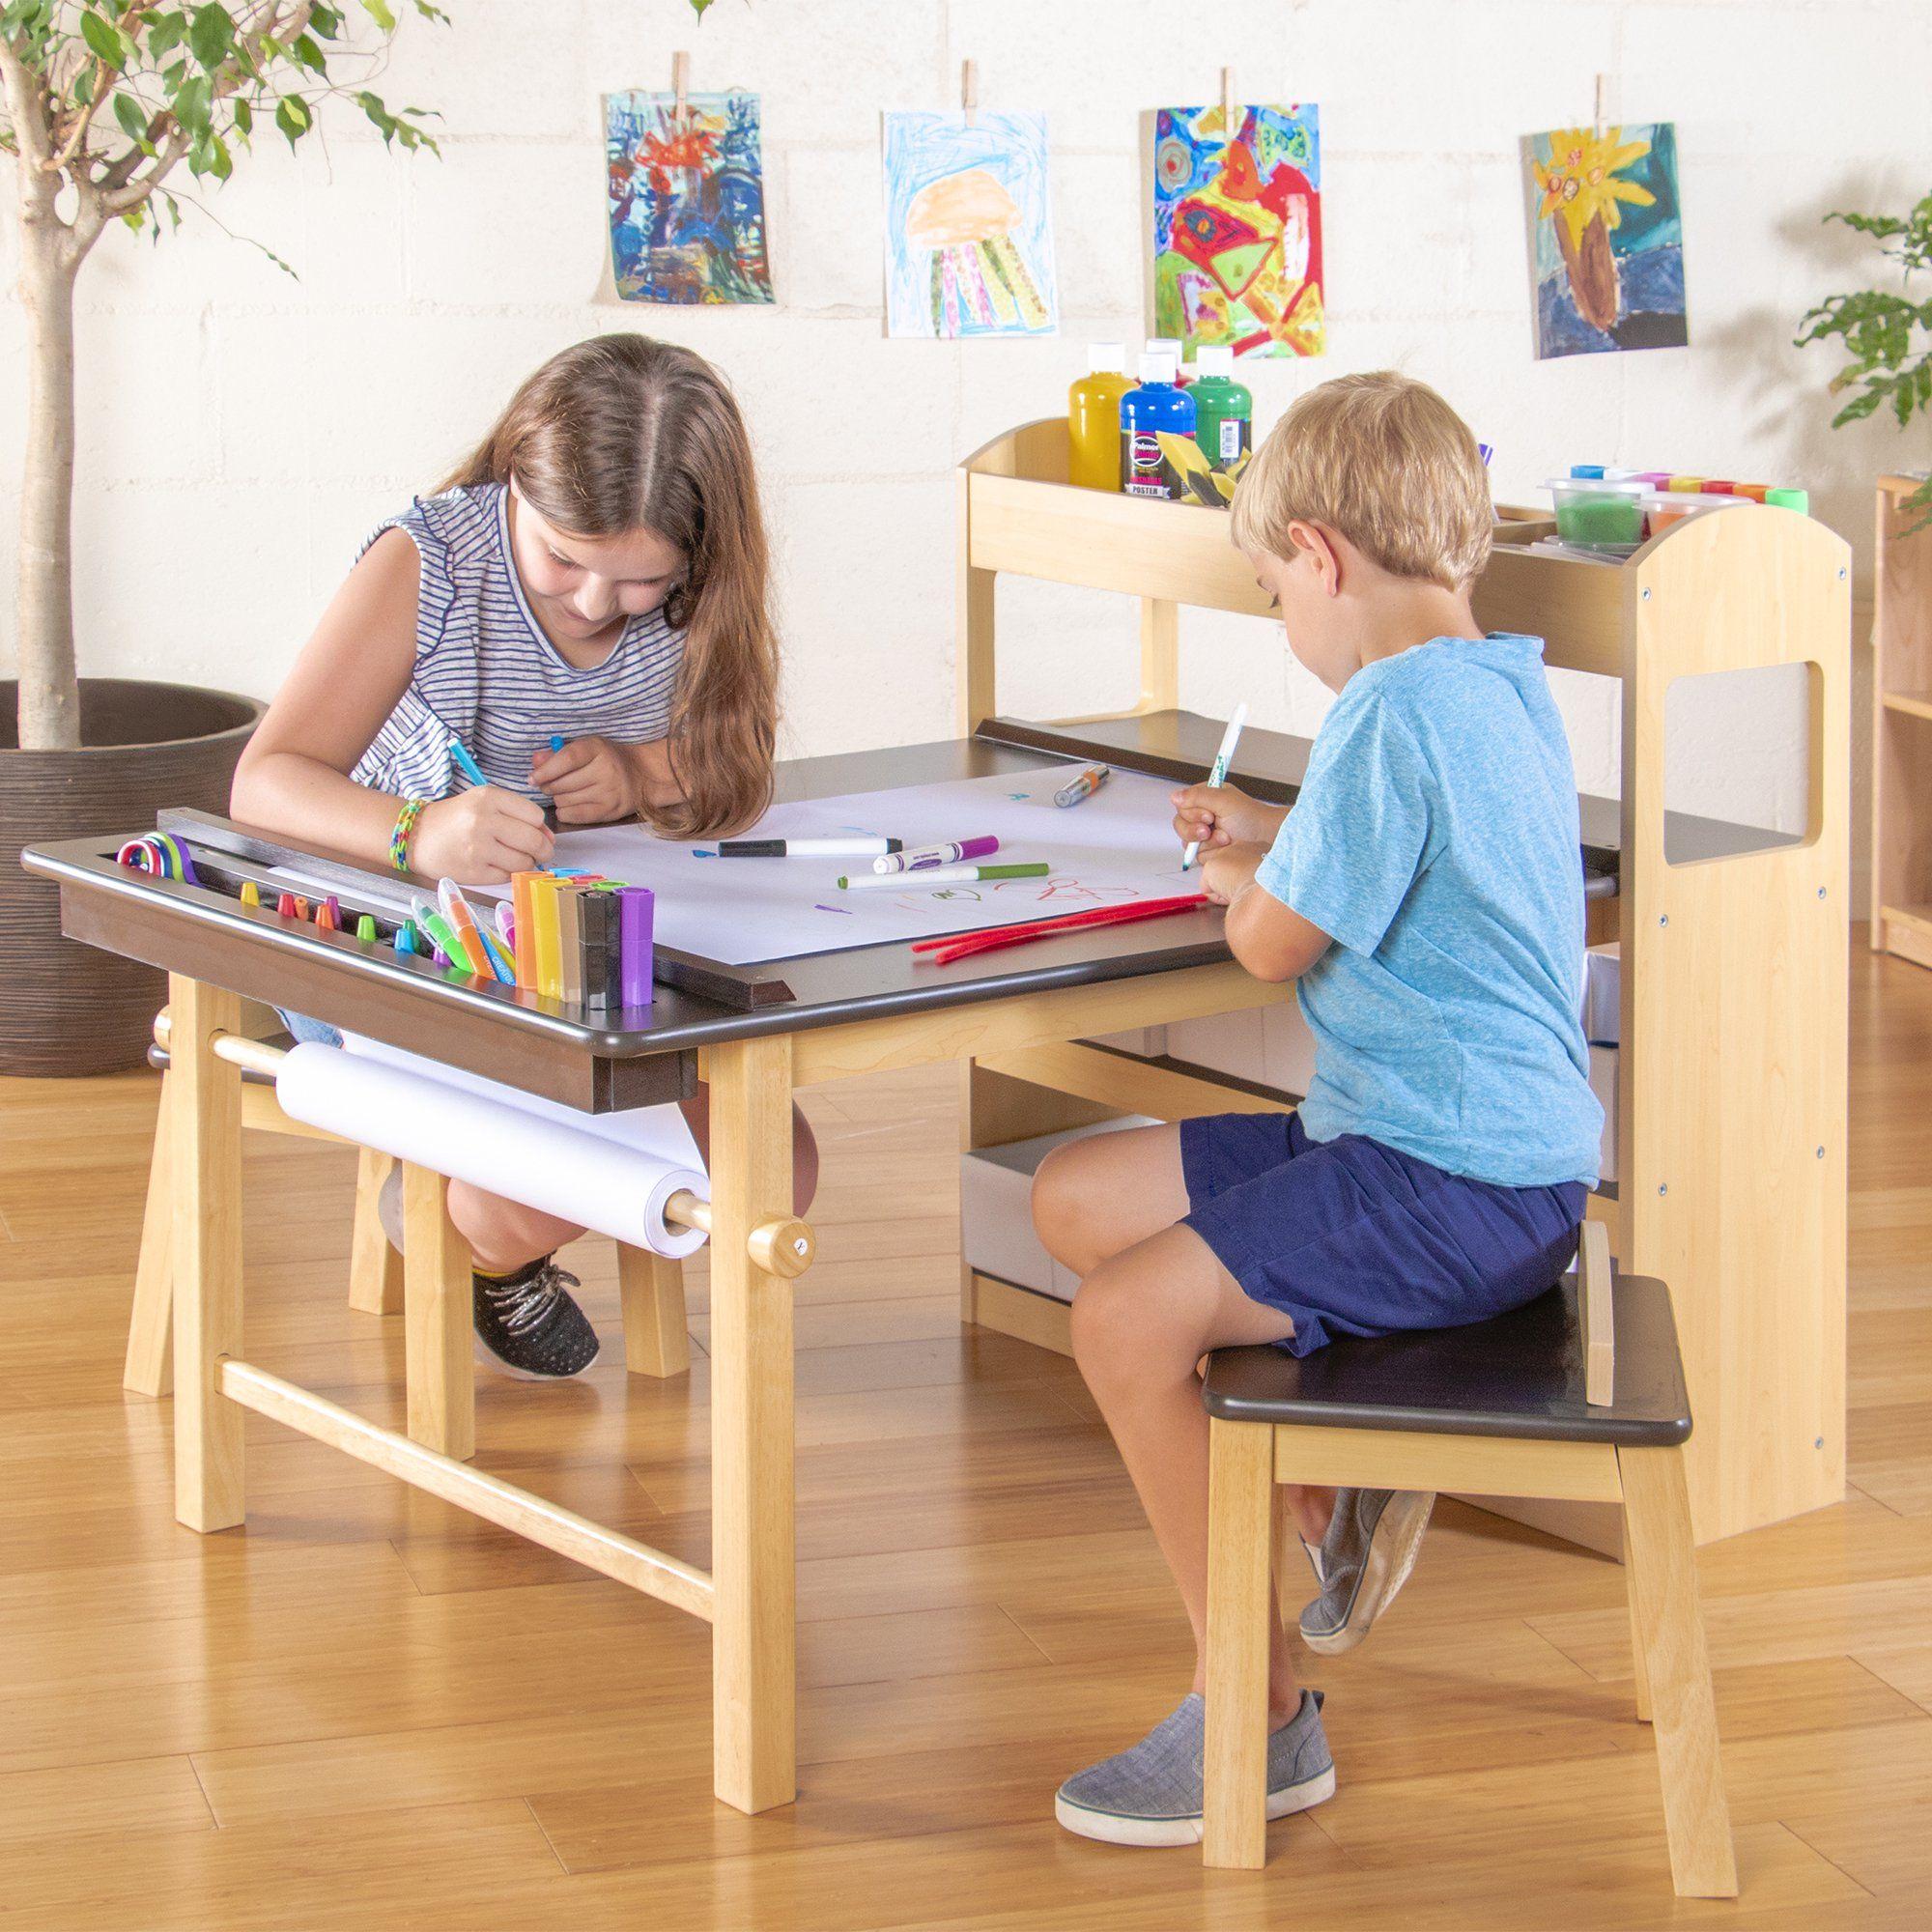 Deluxe art center in 2020 kids craft